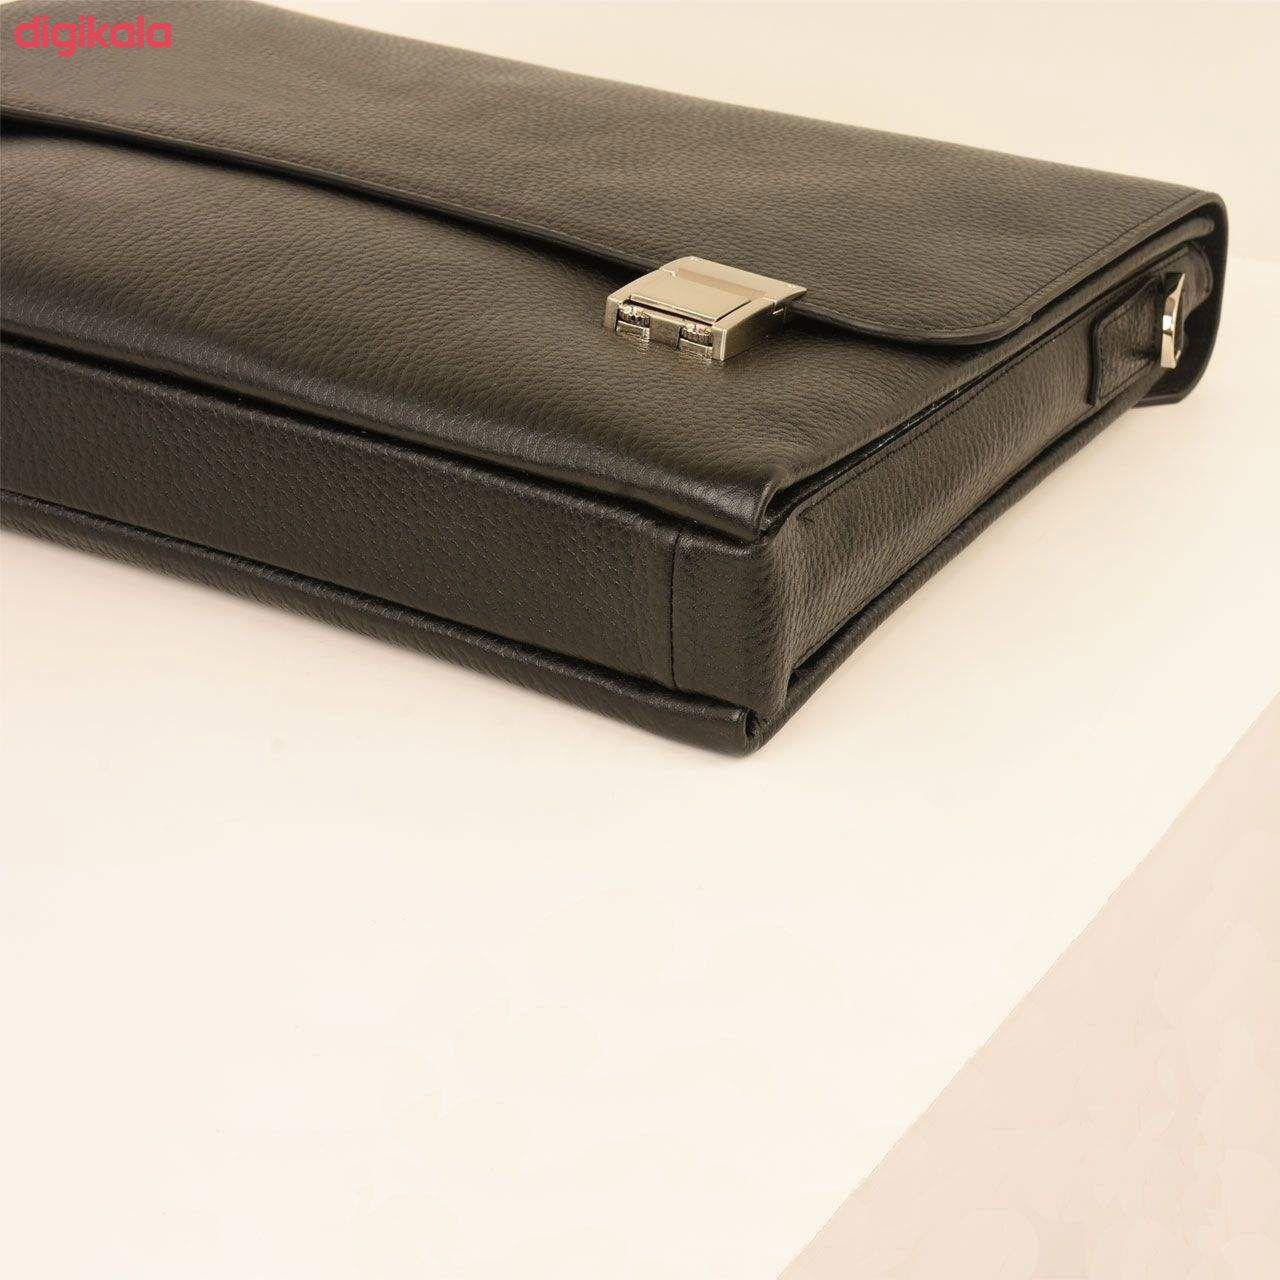 کیف اداری مردانه پارینه چرم مدل L146-1 main 1 34